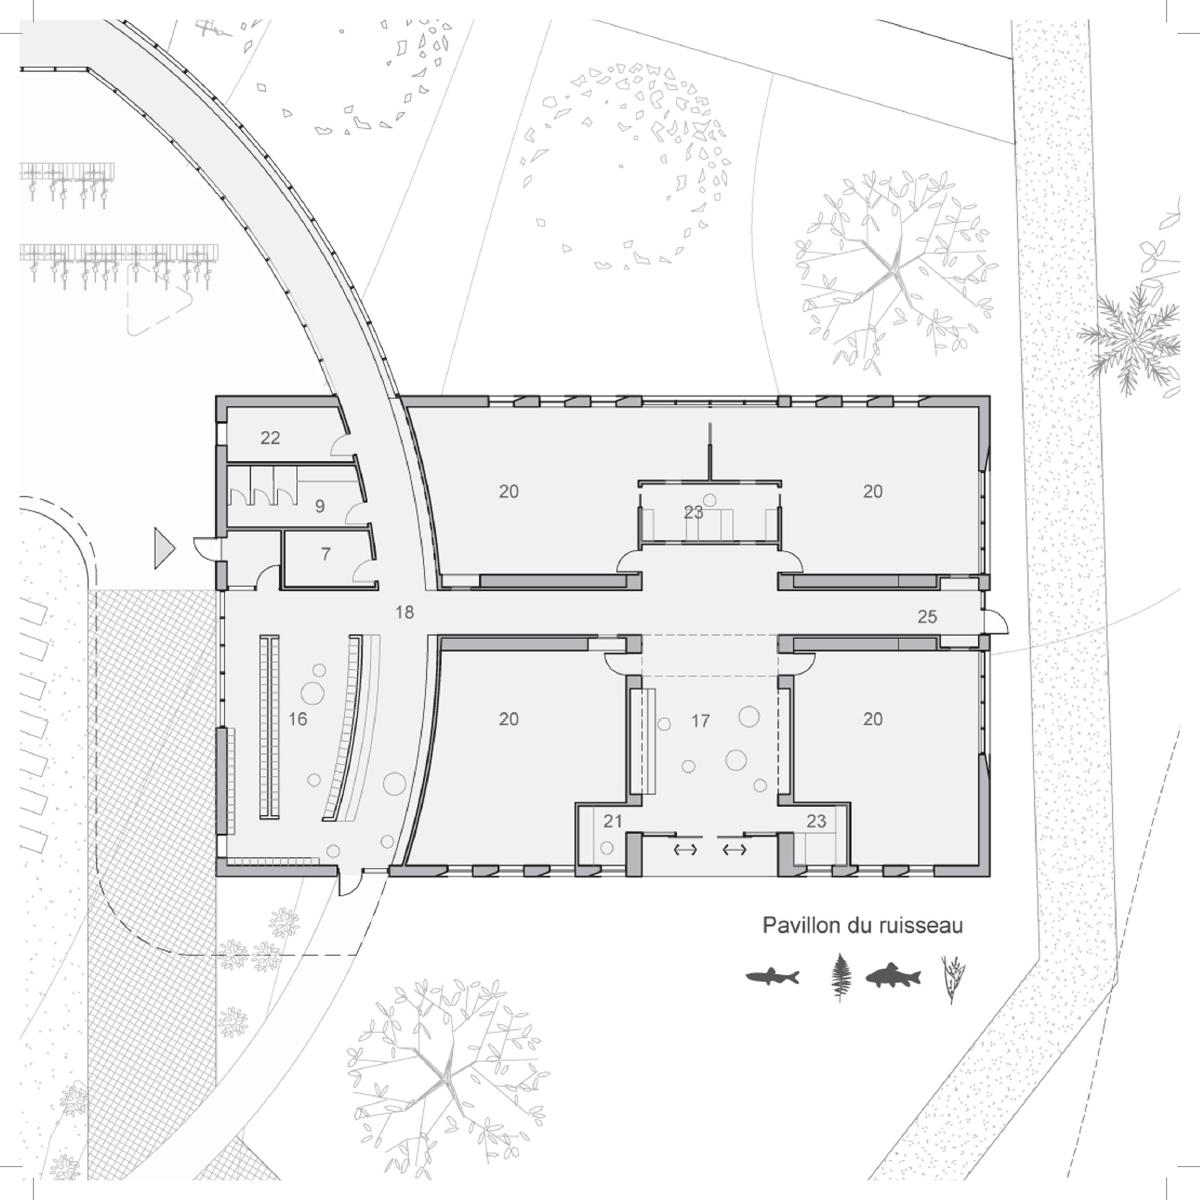 Plan d'une salle de classe par BGLA, pour le concours du Lab-École à Shefford, présenté dans le cadre de l'exposition «Devoirs d'architecture».